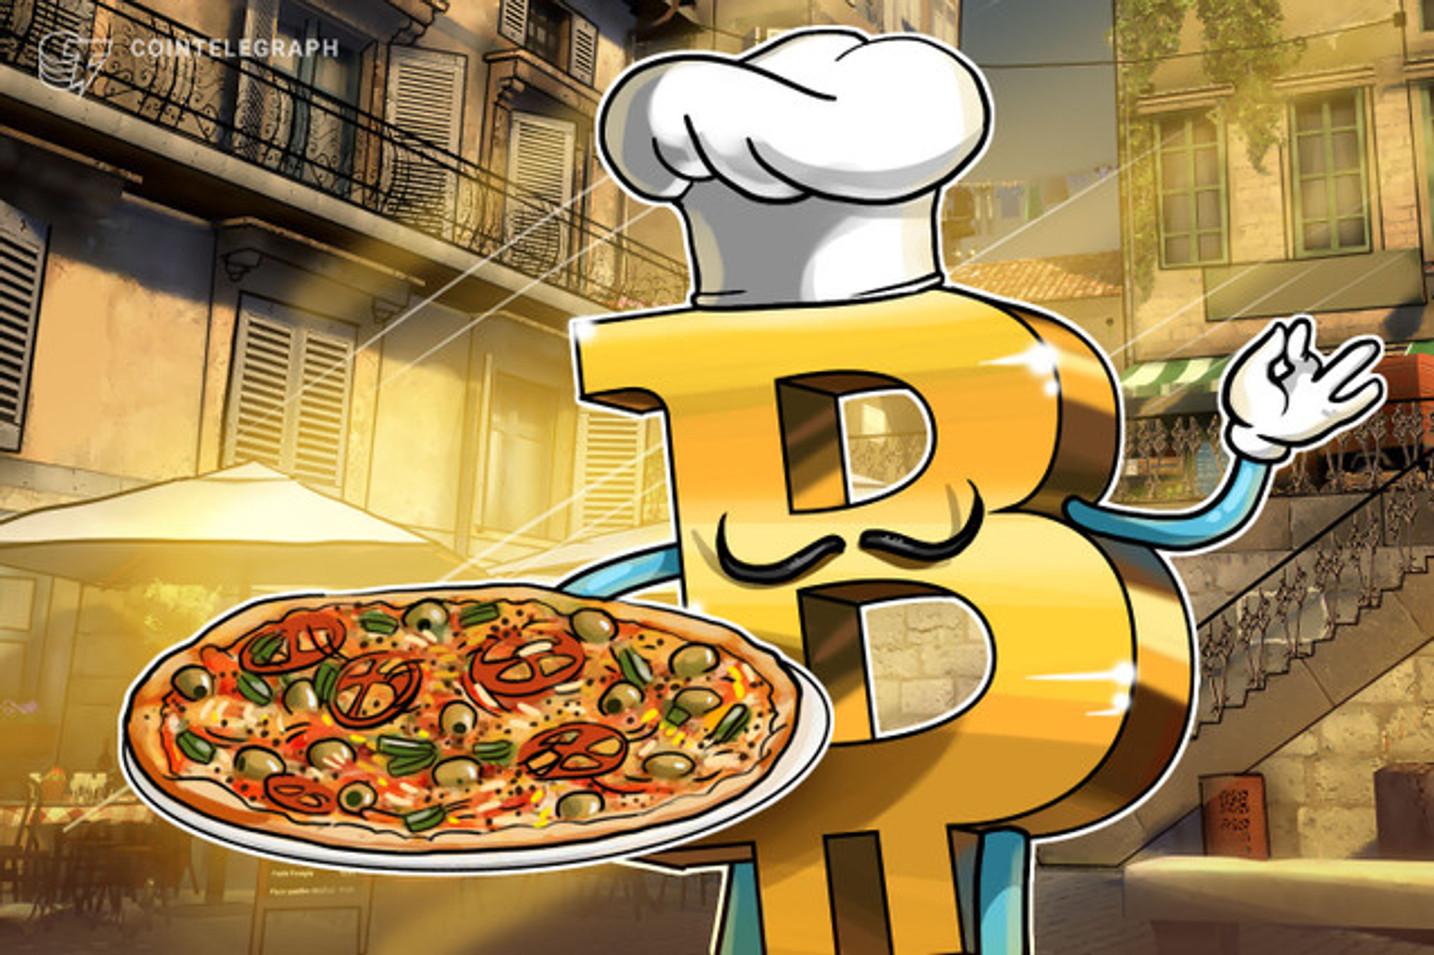 Comprare una pizza con BTC? A Napoli è ora possibile!